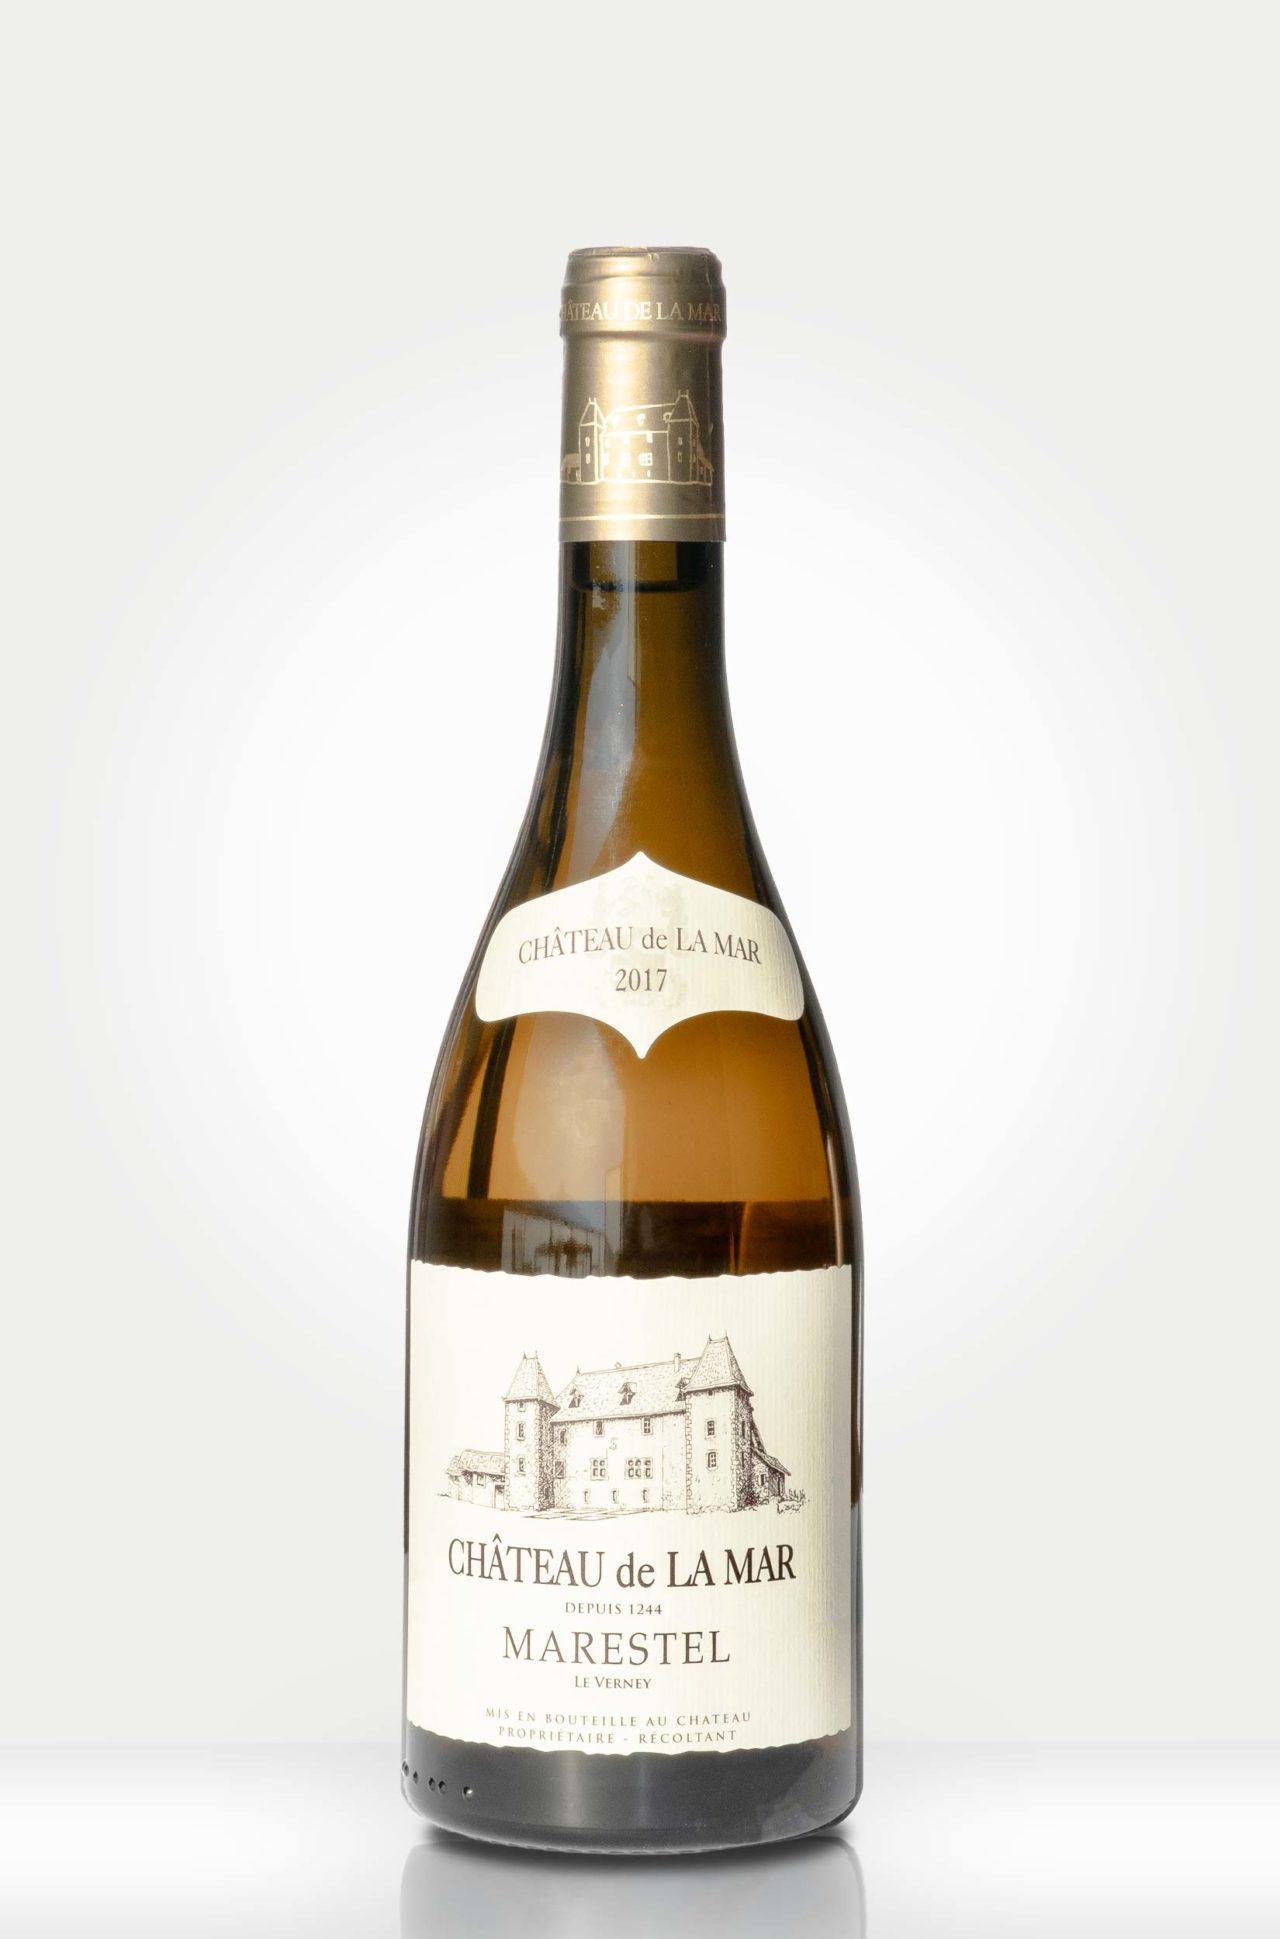 Bouteille Marestel La Verney - Vin blanc de Savoie